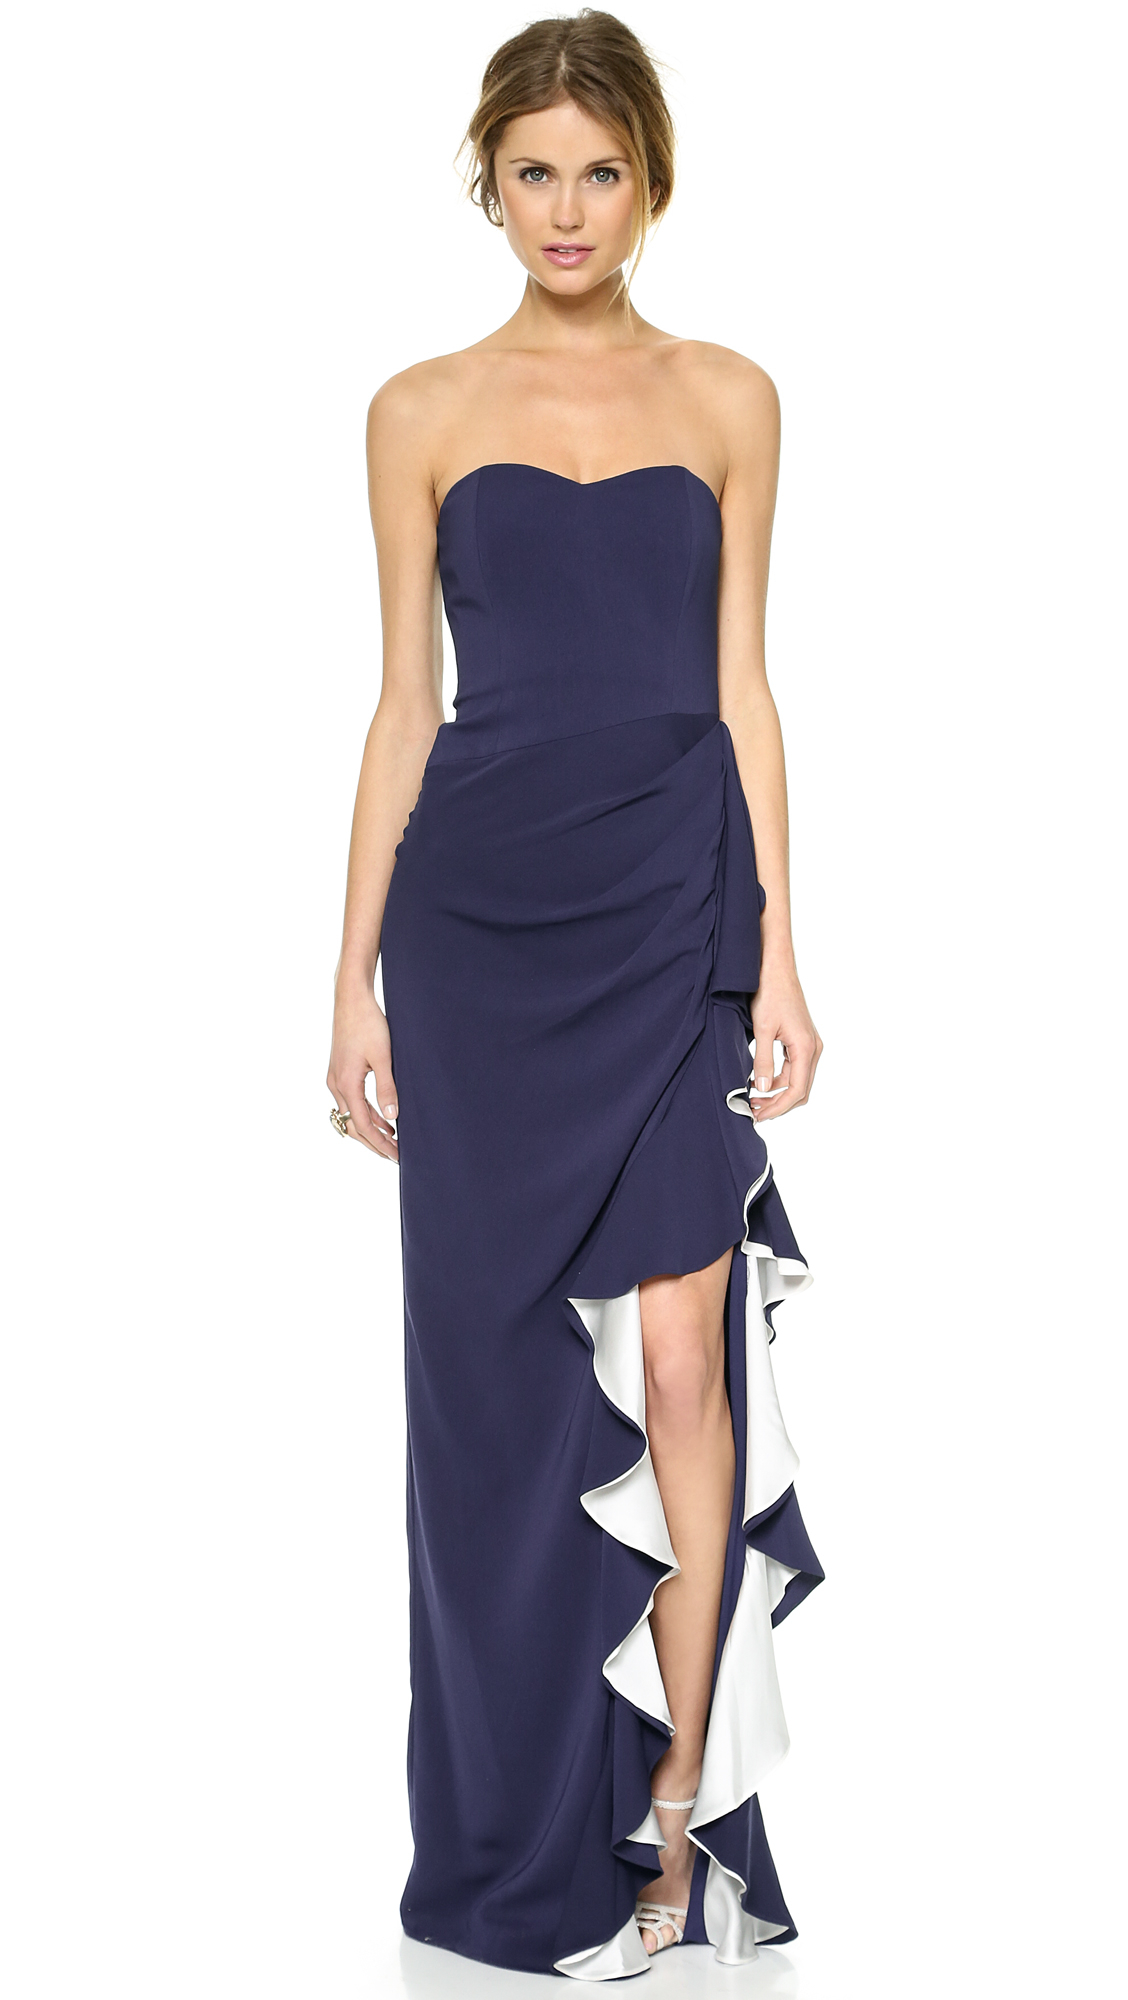 Lyst - Badgley Mischka Ruffle Slit Strapless Gown ...